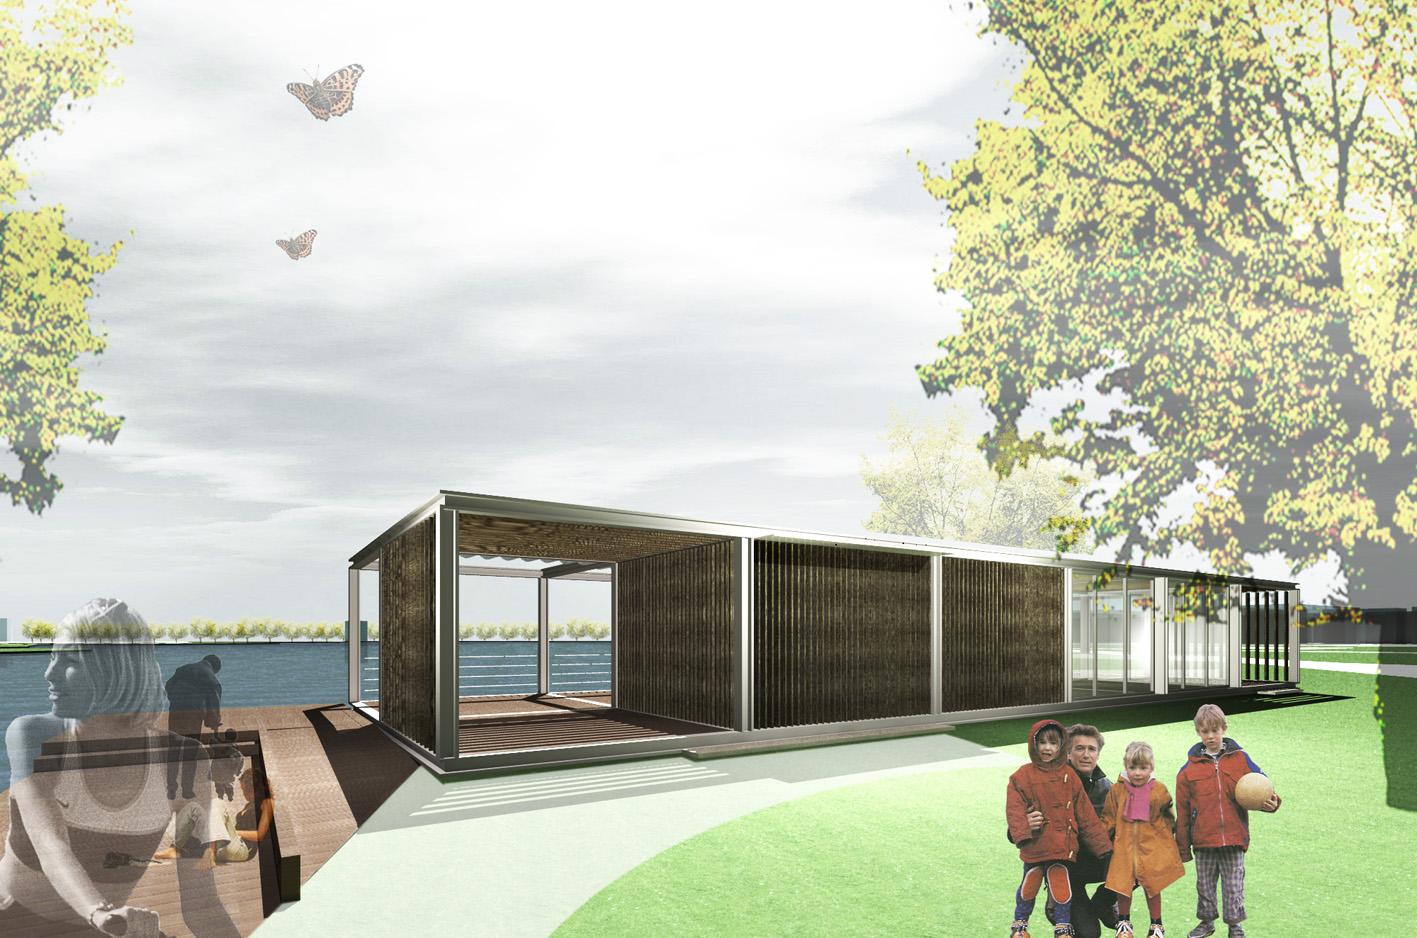 Theehuis Paviljoen 3D parkzijde Schellingwouderbreek plas Amsterdam Noord